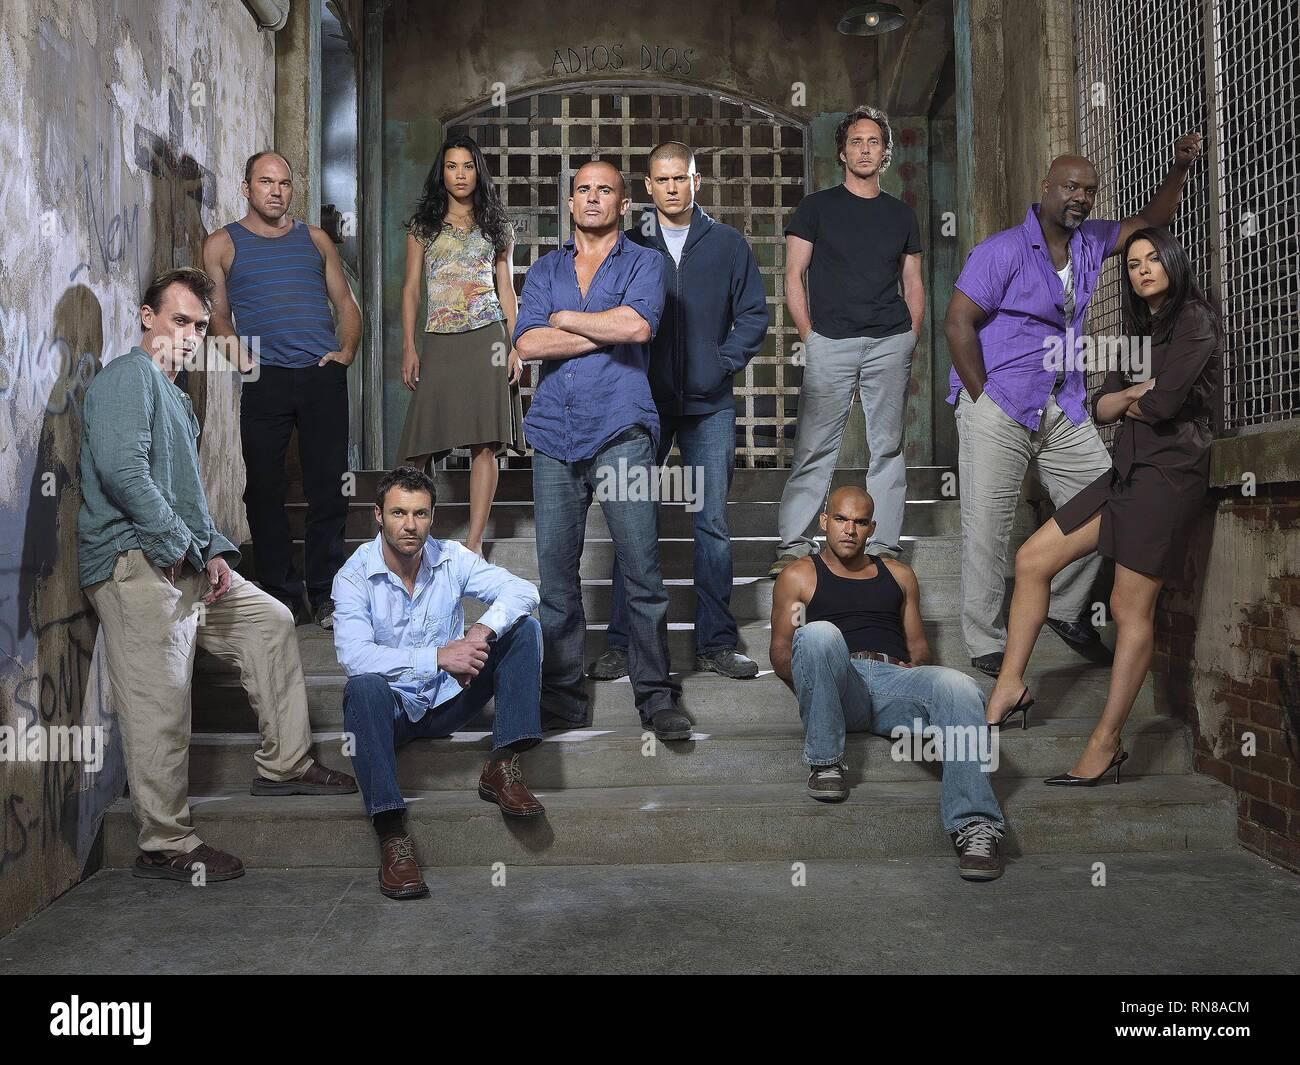 prison break season 3 download full